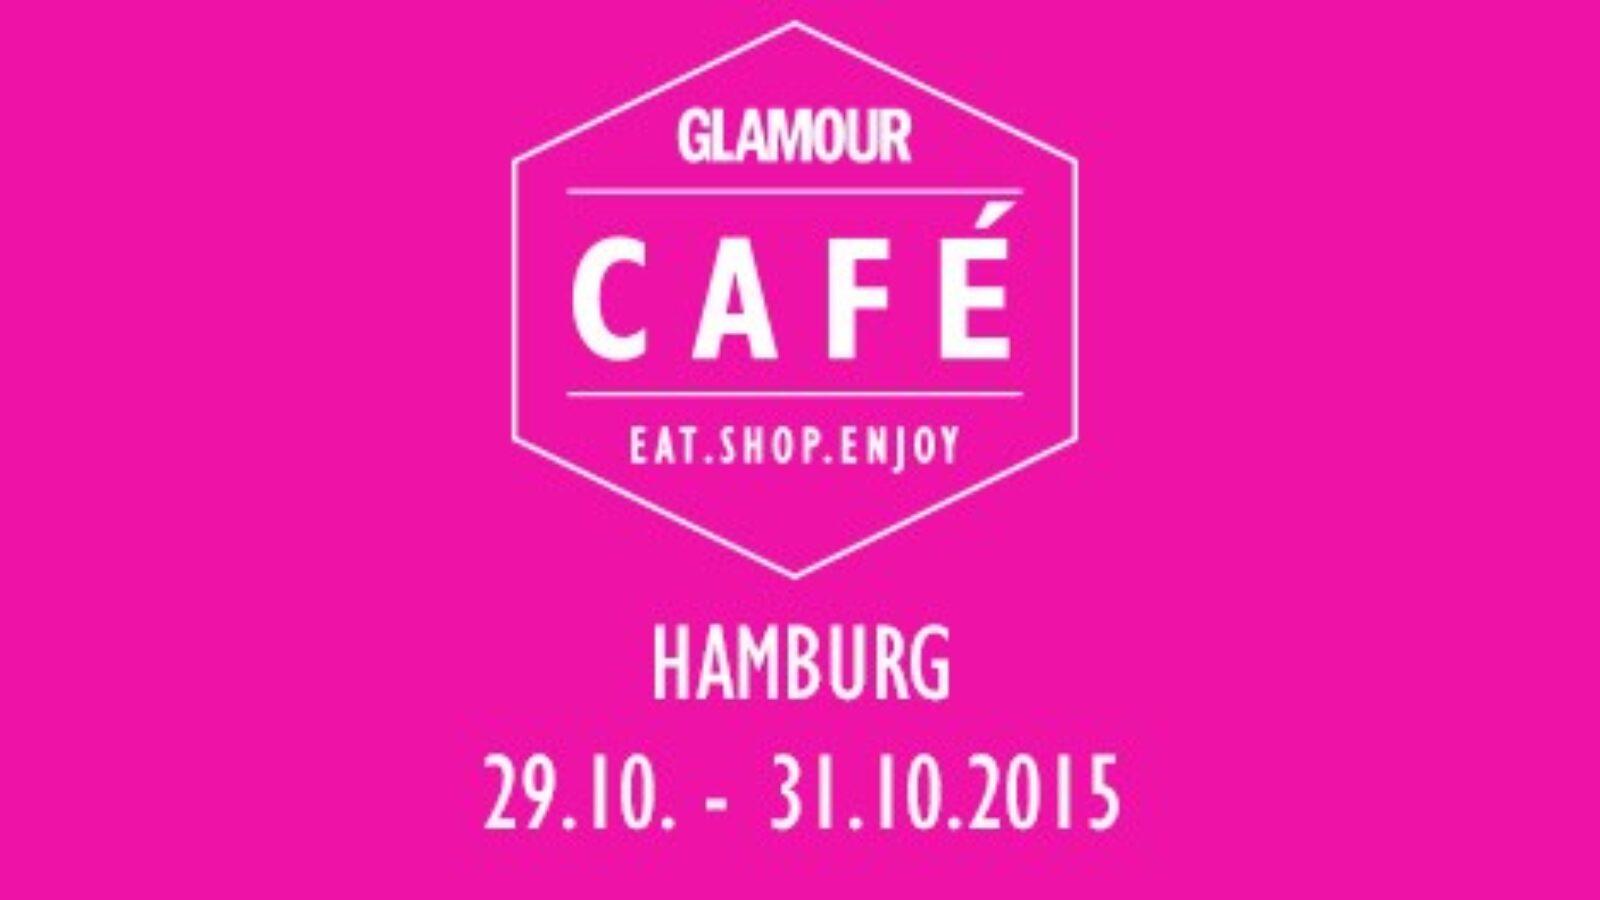 Premiere in Hamburg: GLAMOUR eröffnet Pop-Up-Café